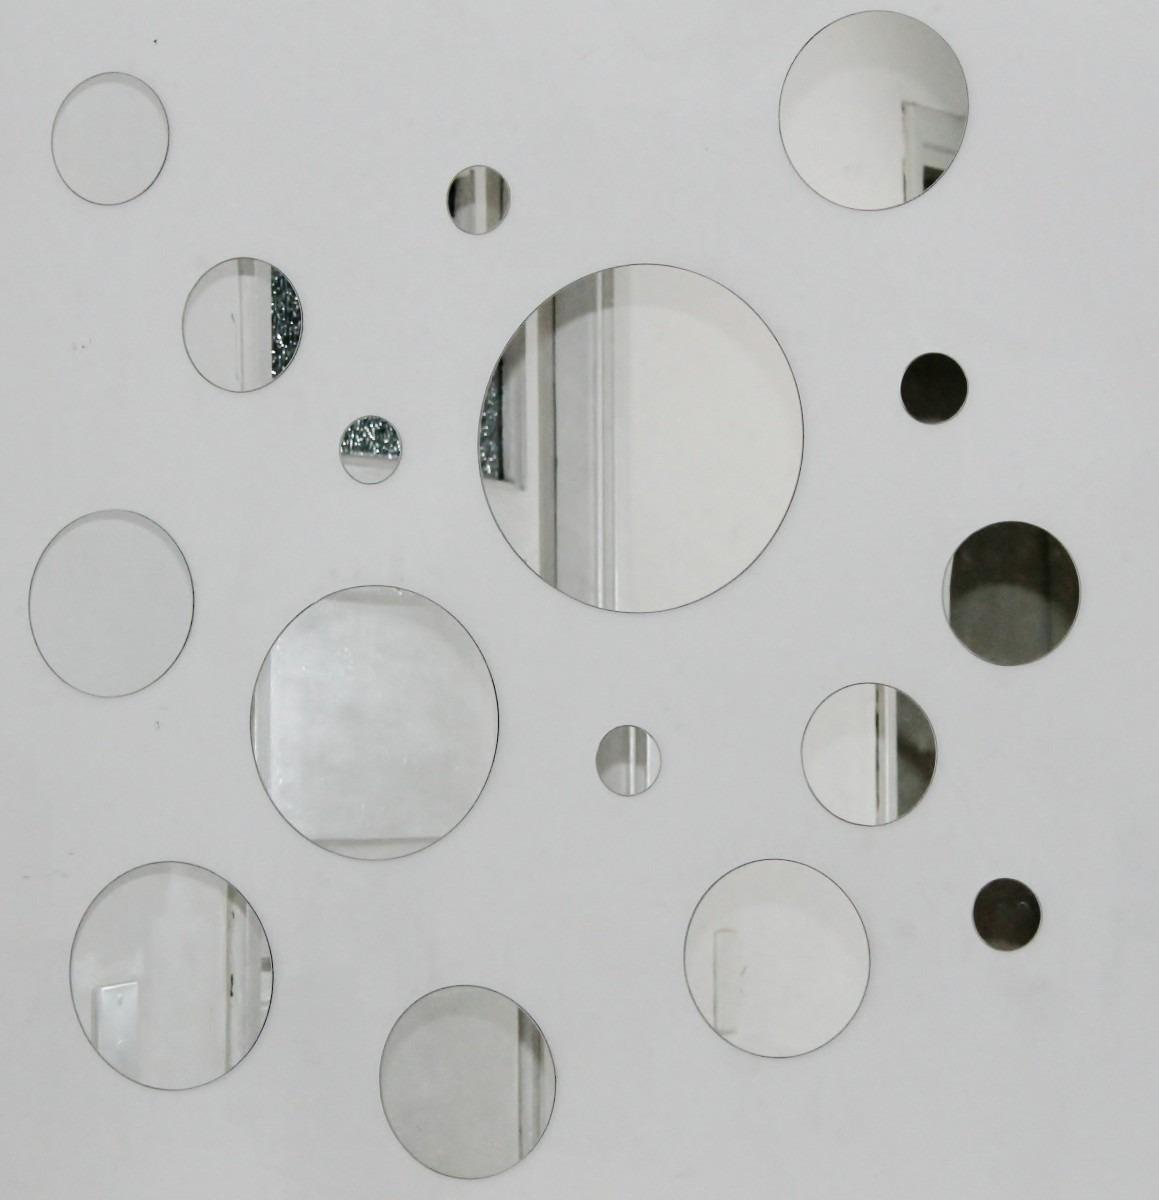 Espejos vidrosvazquez for Espejos redondos para decorar